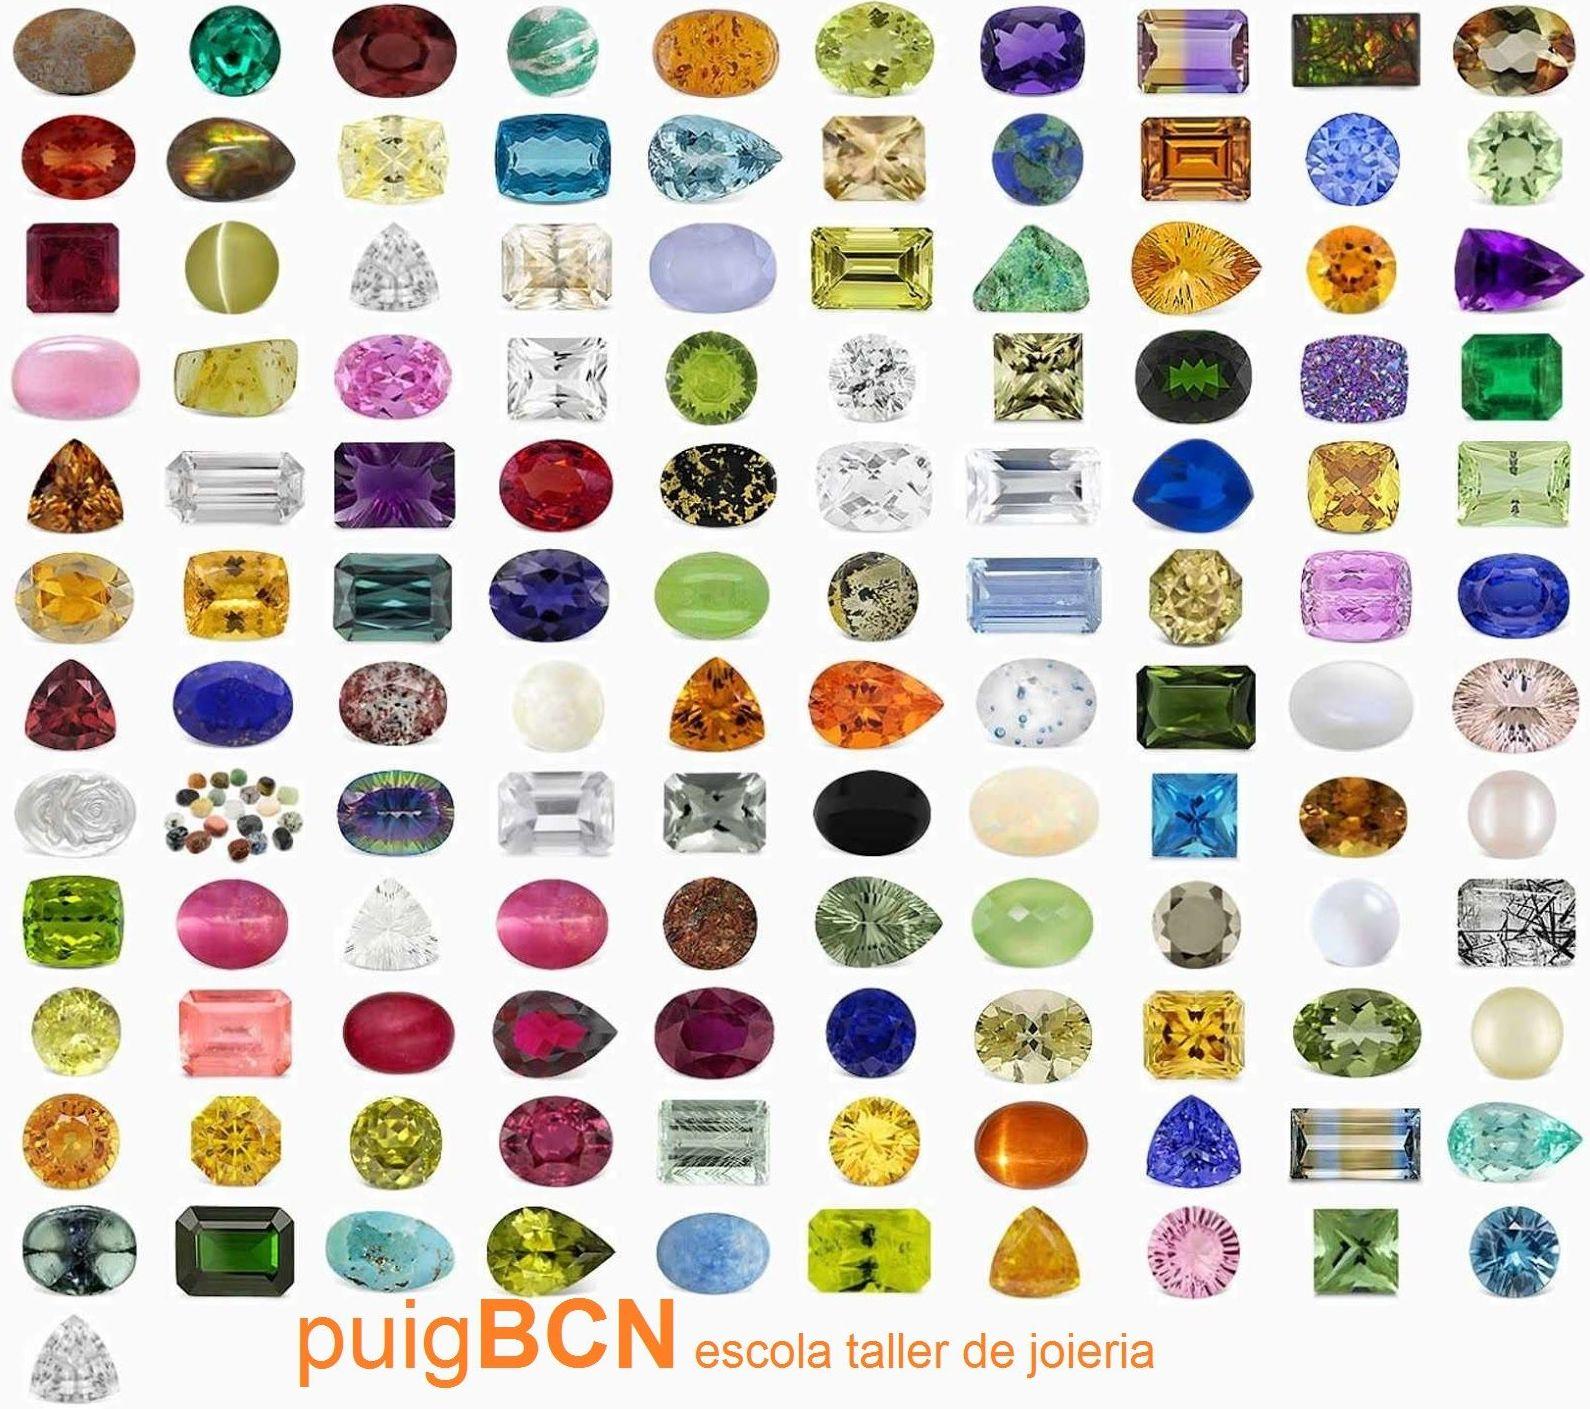 Pr xima charla piedras naturales - Tipos de piedras naturales ...